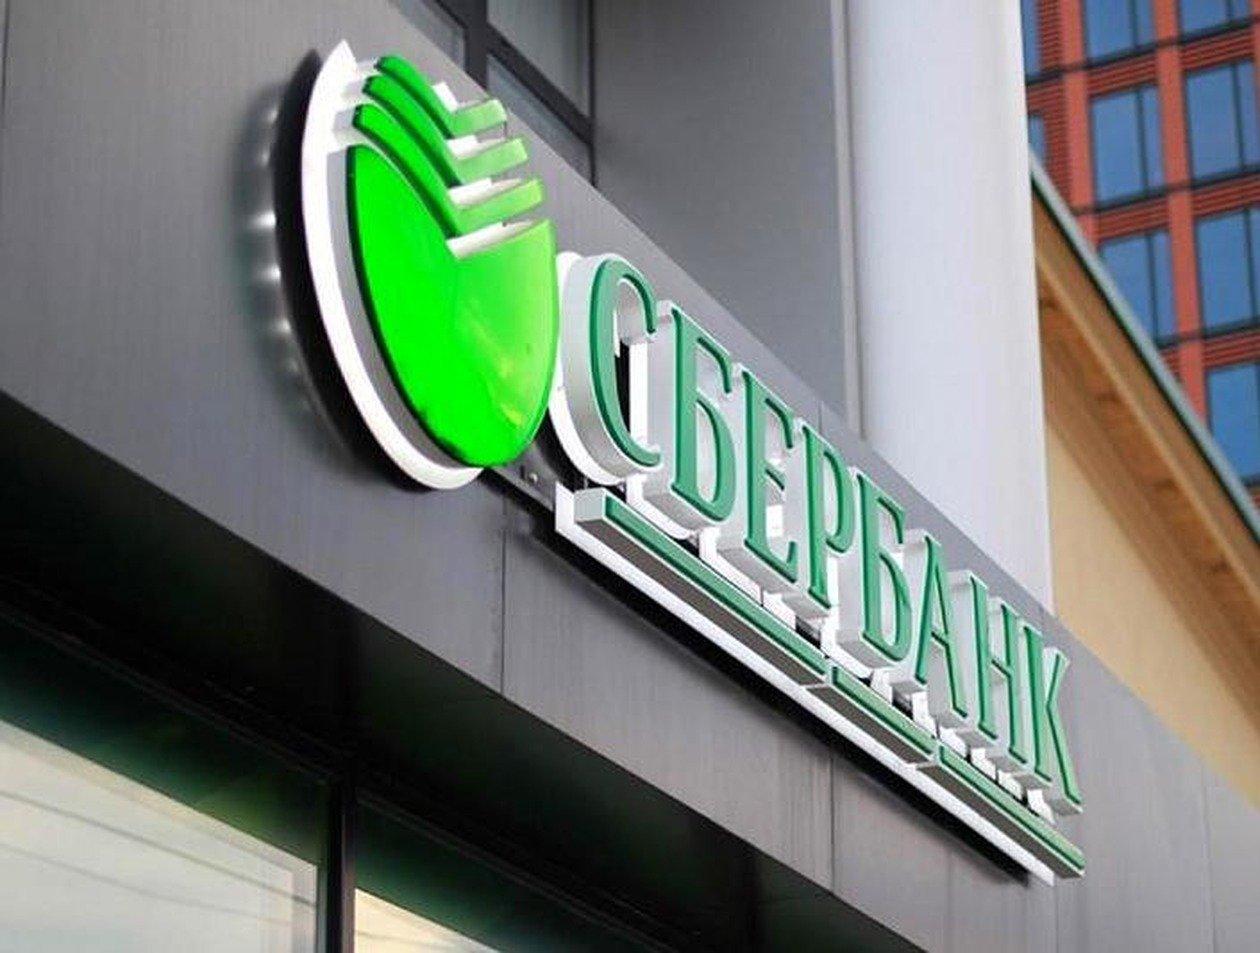 Сбербанк отстранил двух сотрудников после обвинения в домогательствах